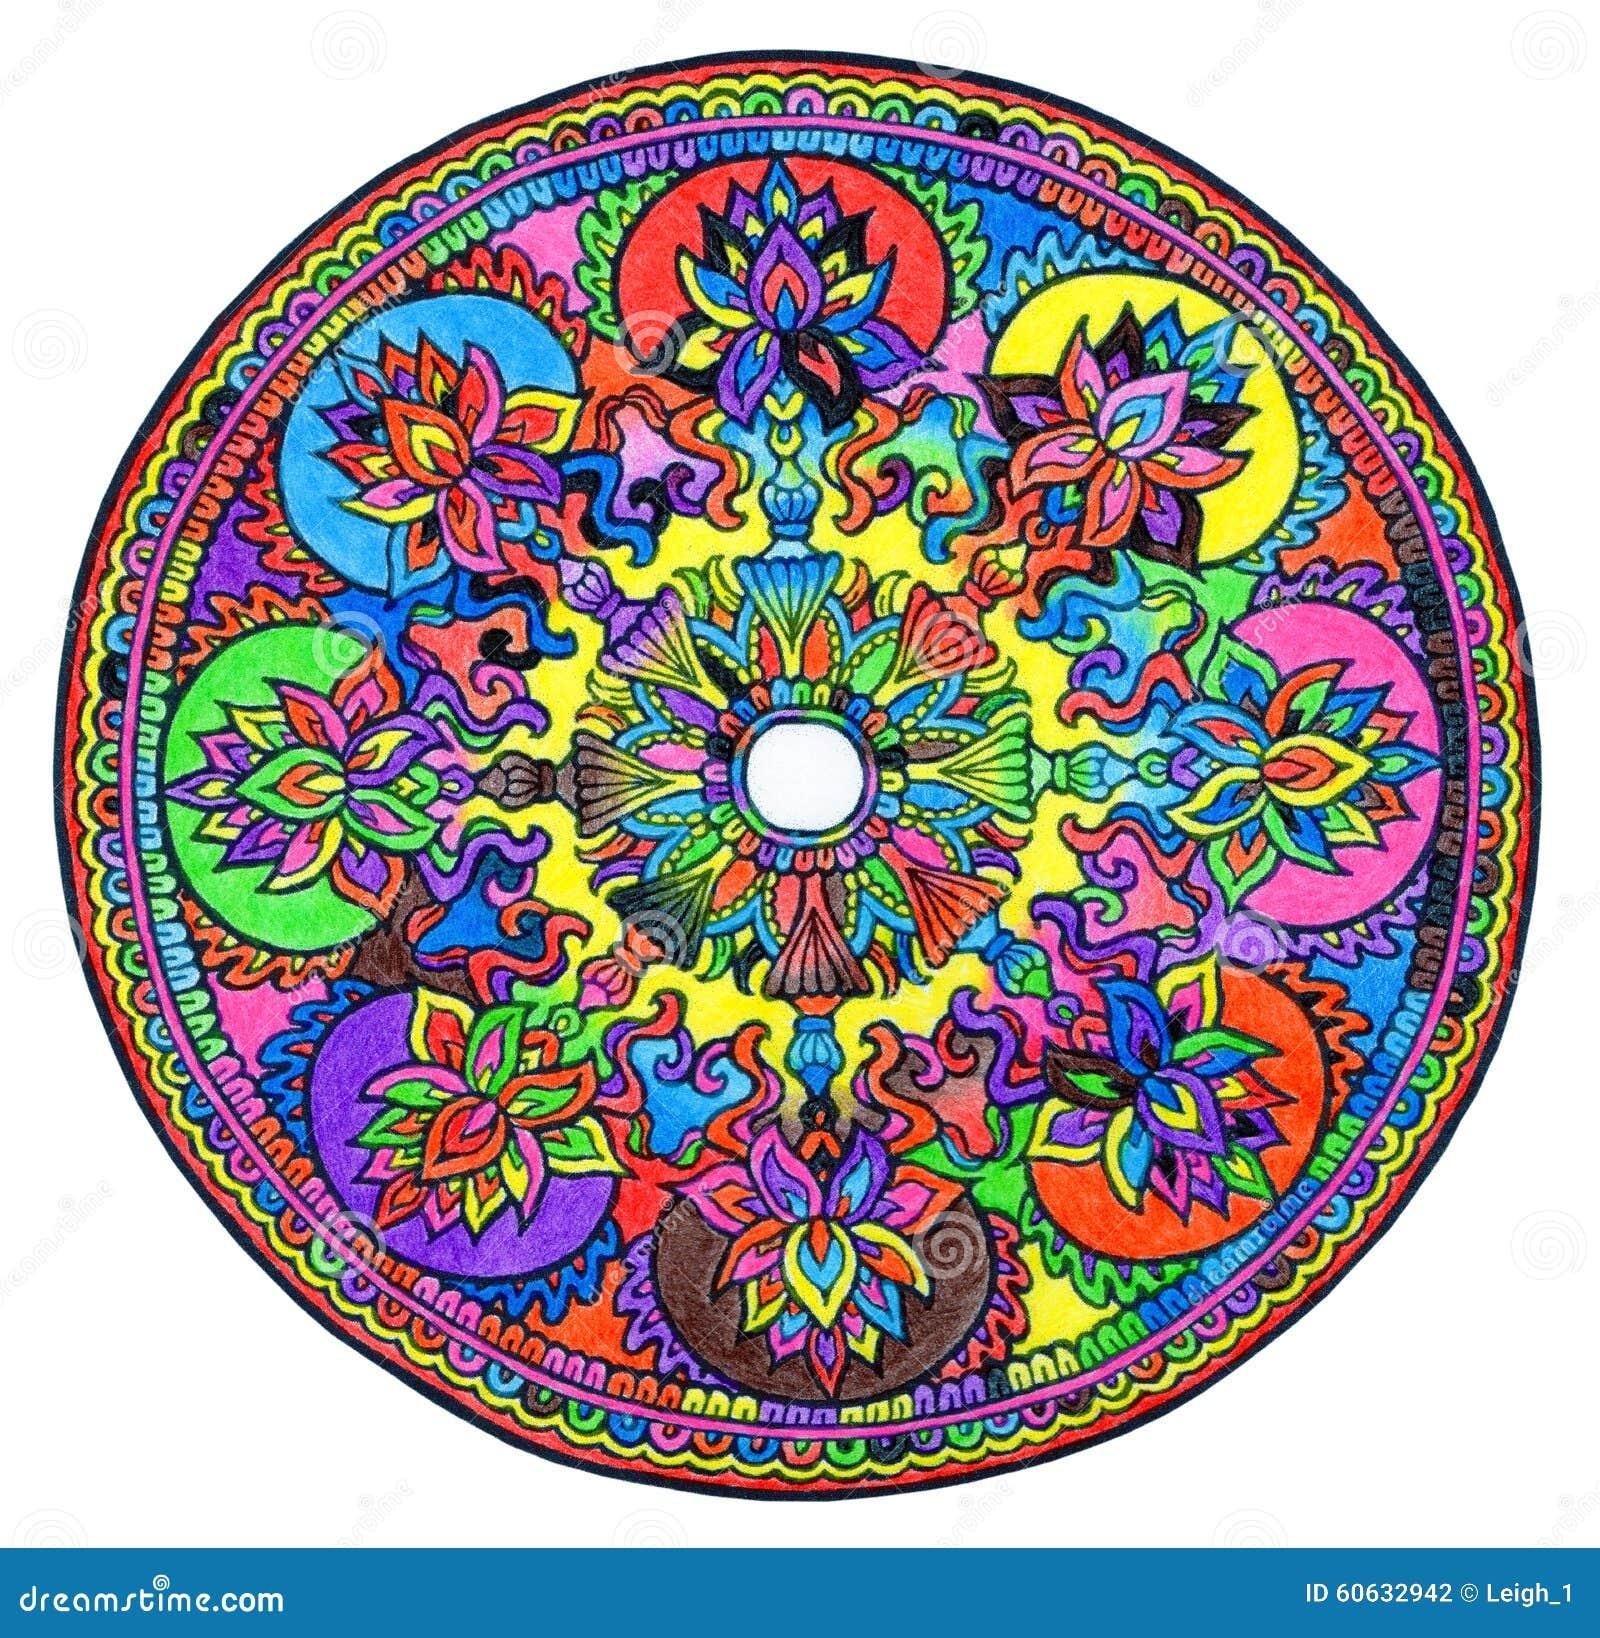 colorful mandala stock illustration image 60632942. Black Bedroom Furniture Sets. Home Design Ideas